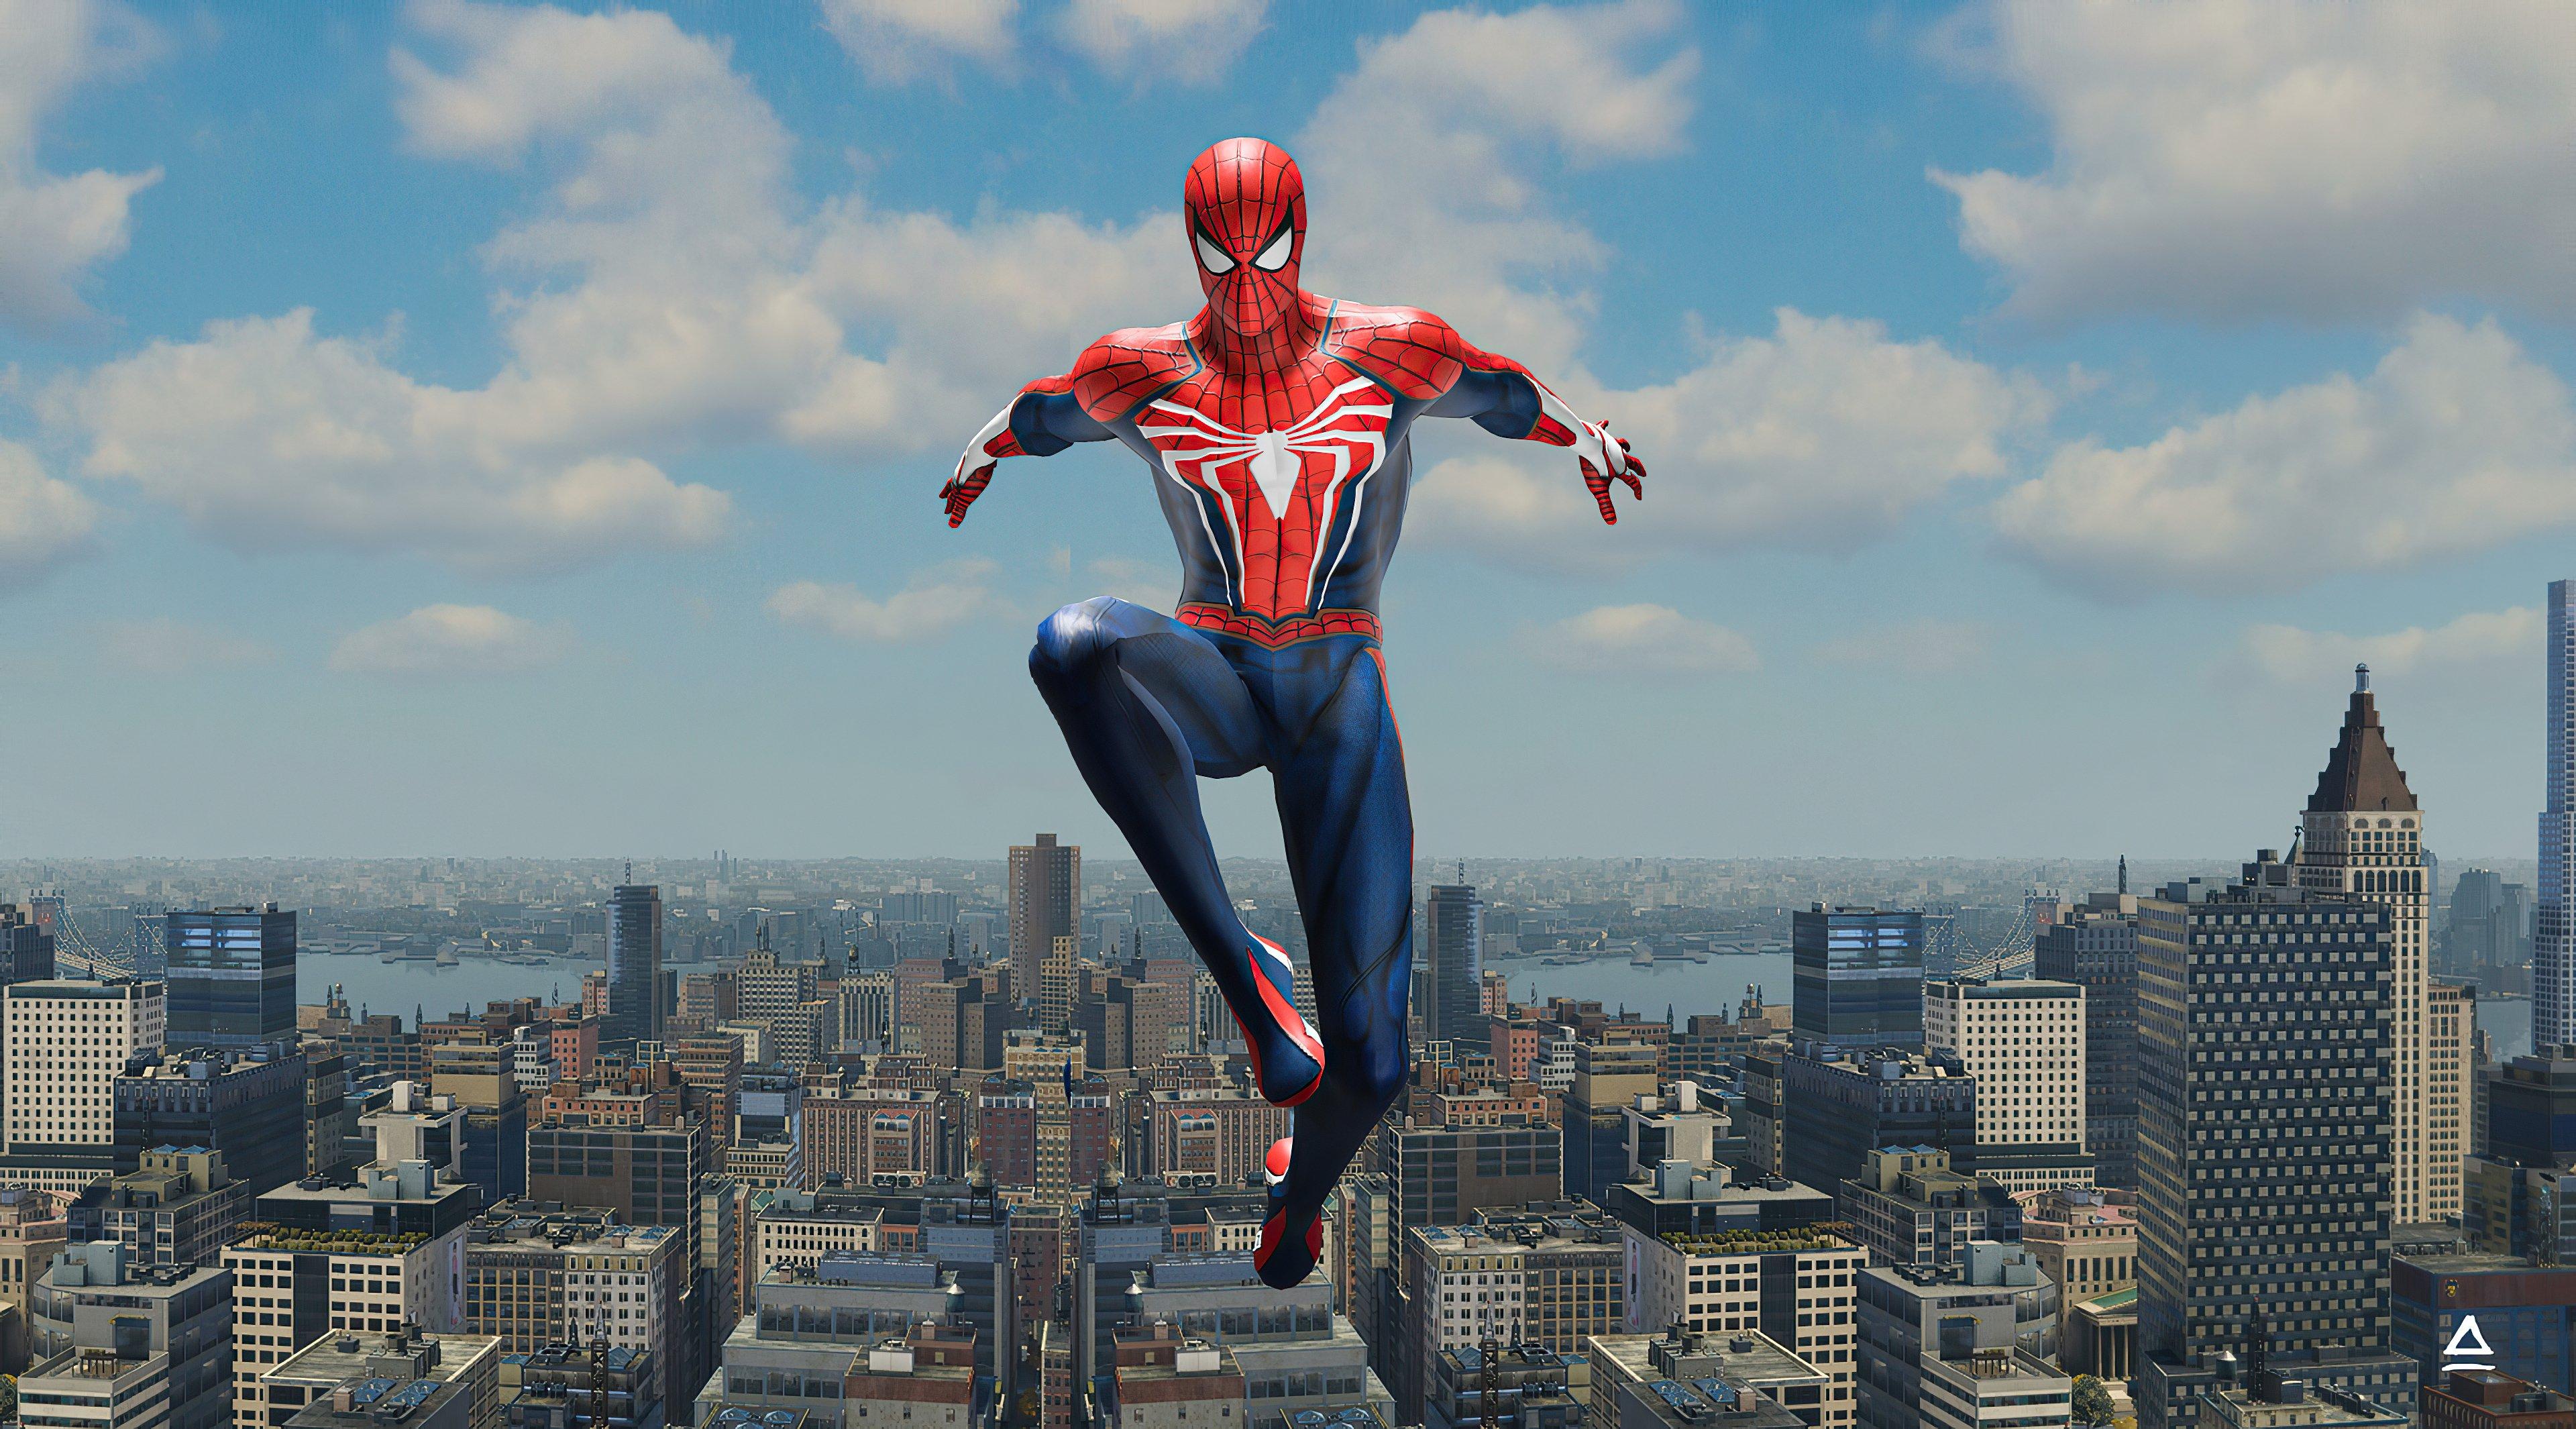 Fondos de pantalla El hombre araña en Nueva York